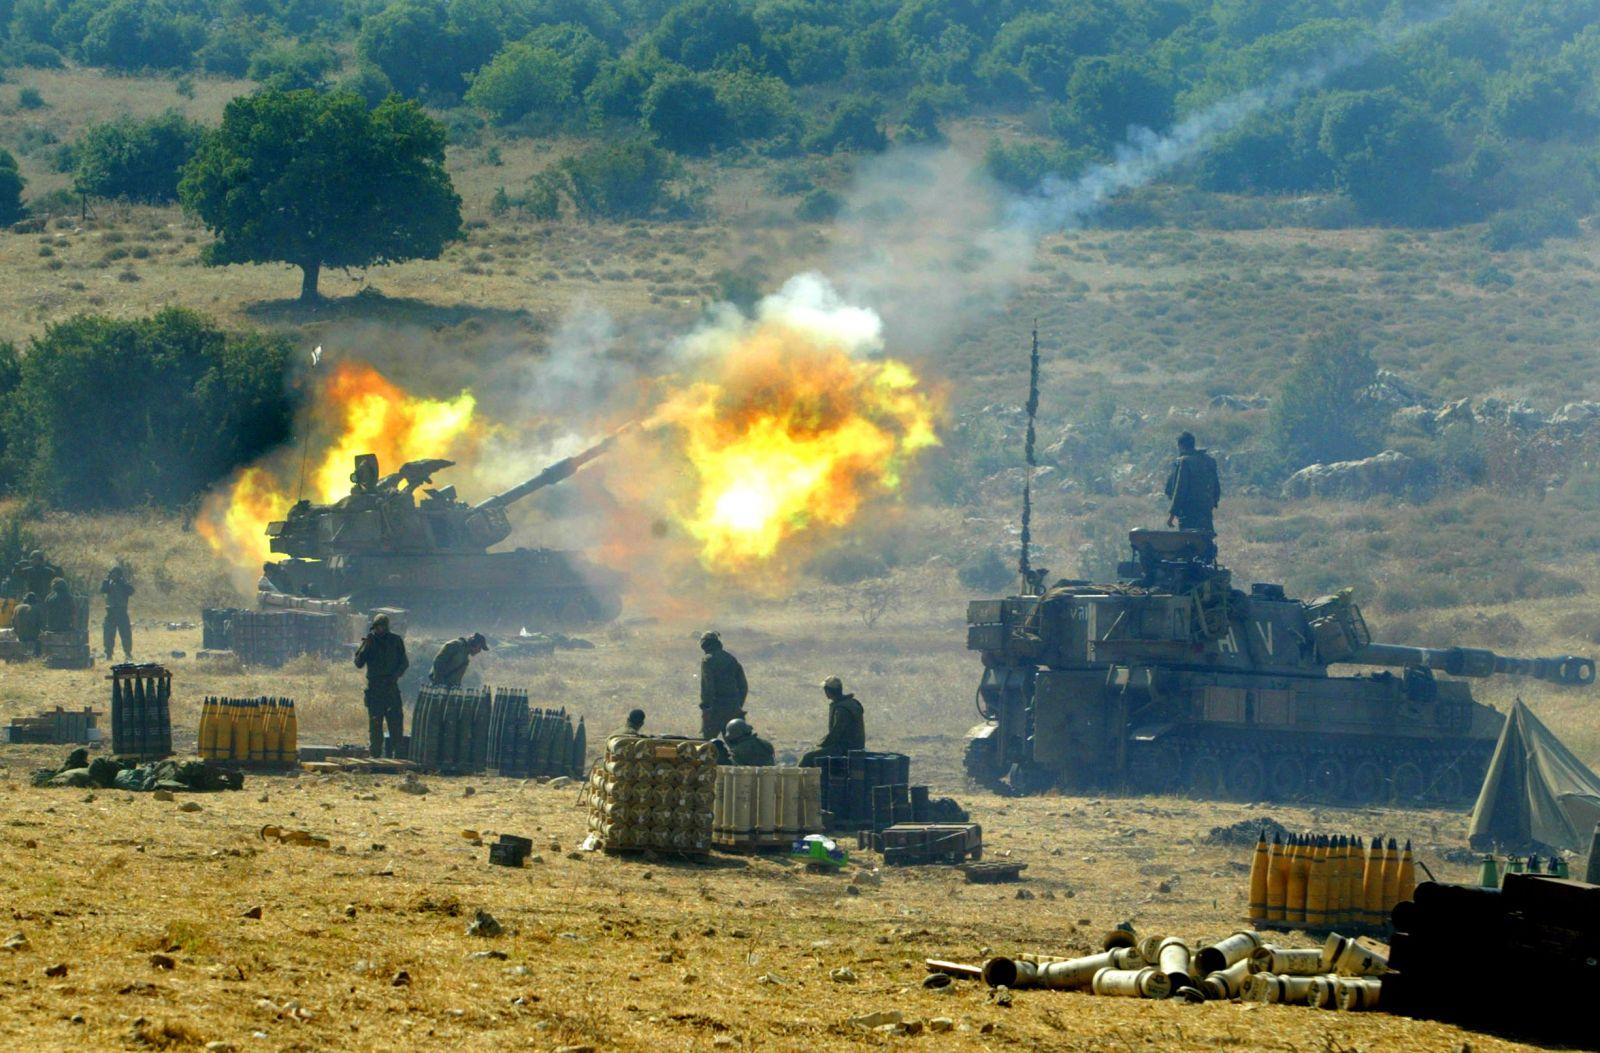 نصر الله: أقول للجيش الإسرائيلي على الحدود انتظرنا بدءًا من الليلة